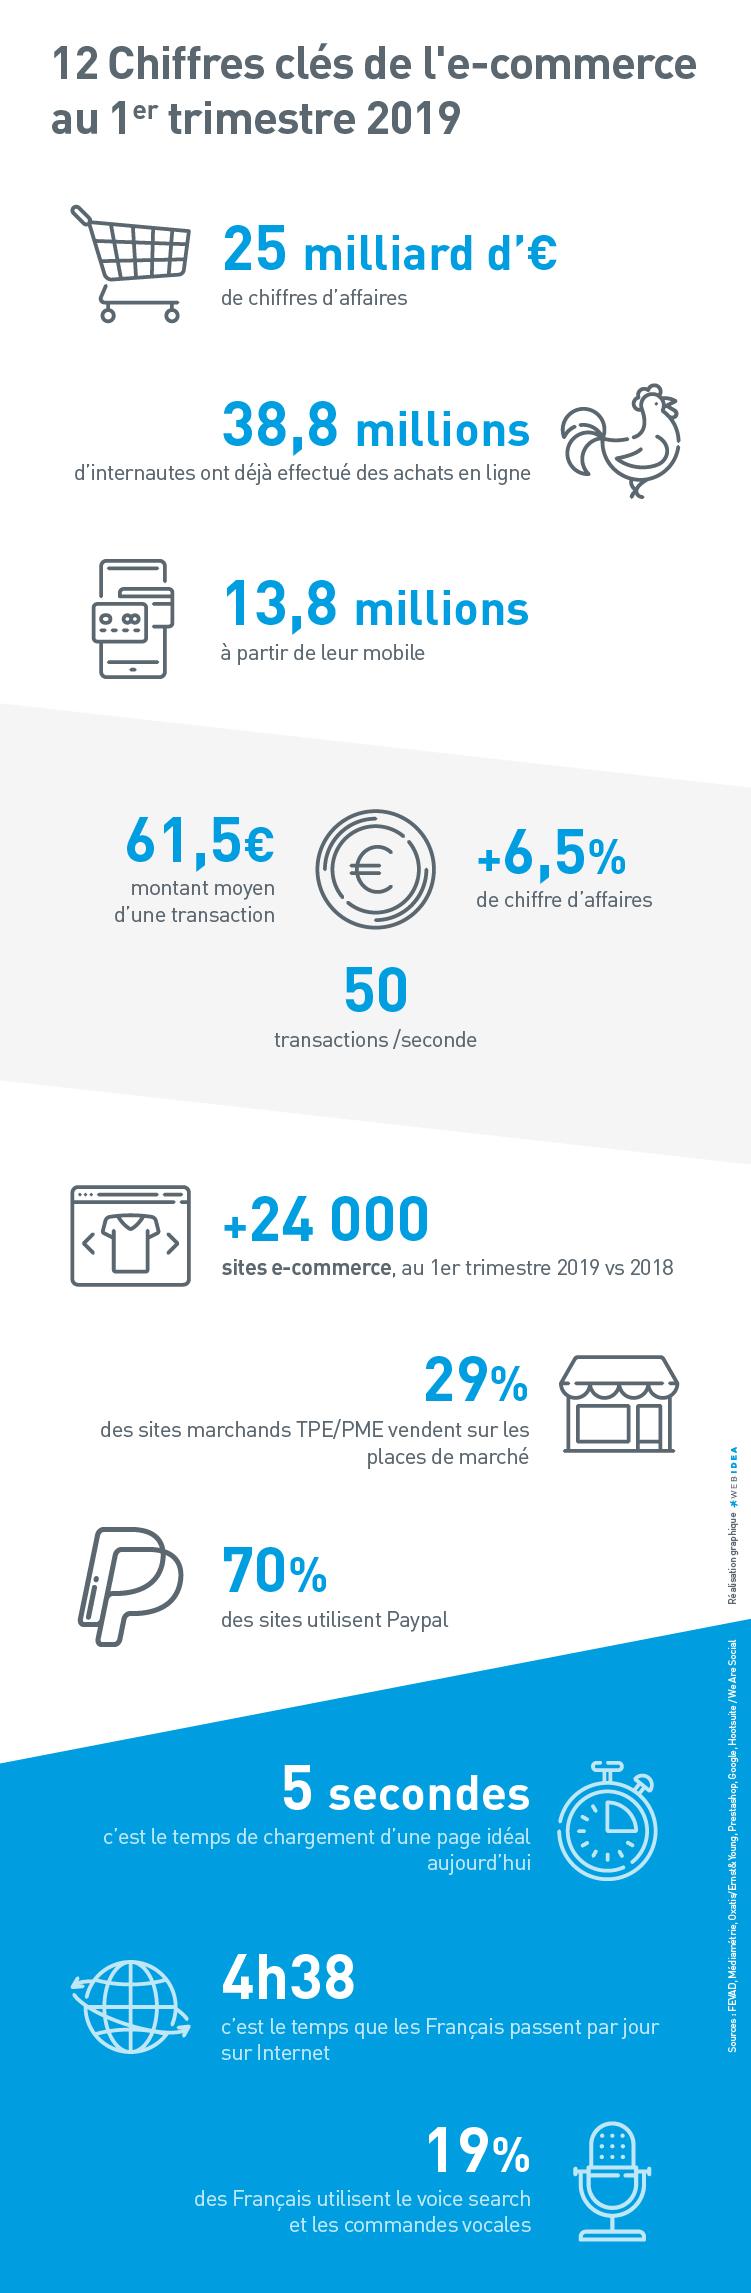 Infographie sur les chiffres clés de l'ecommerce en france au premier trimestre 2019